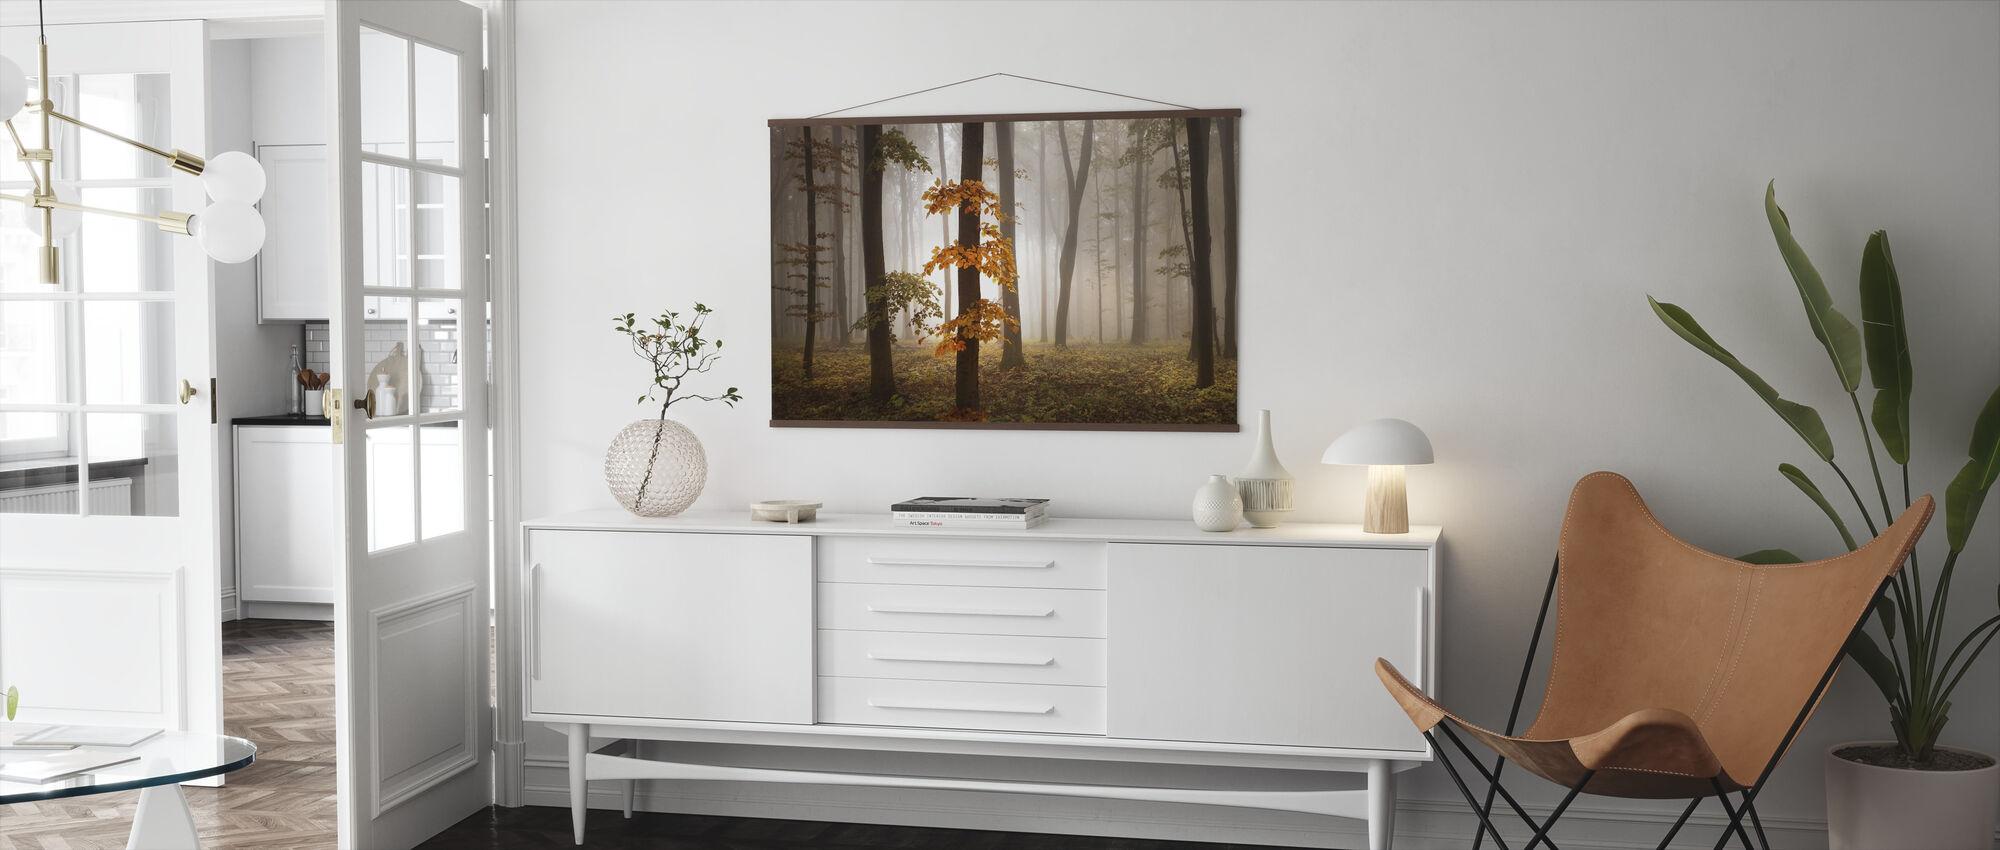 In November Light - Poster - Living Room